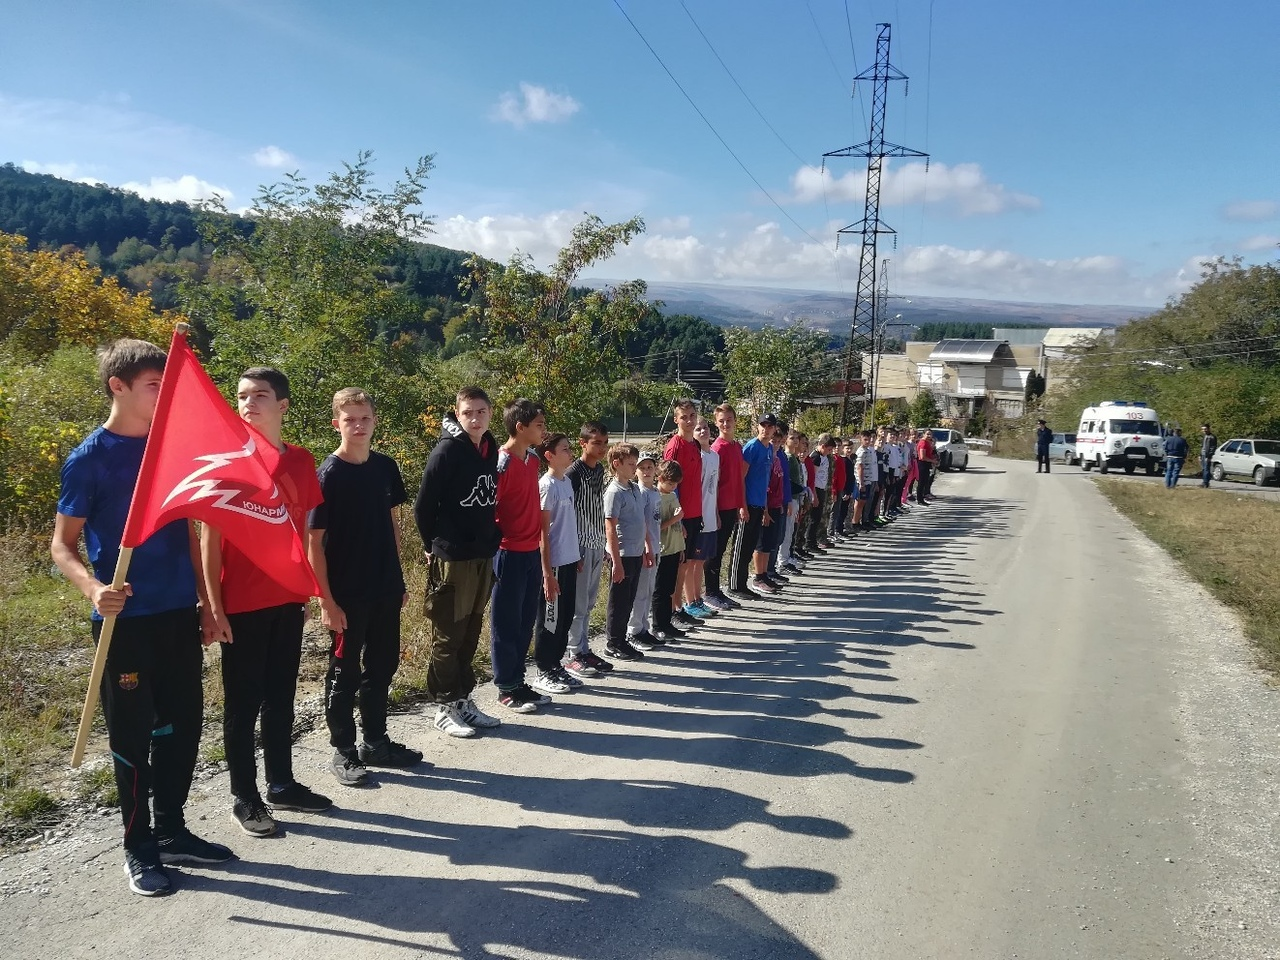 Соревнования по горному бегу Забег на гору Кабан (1)